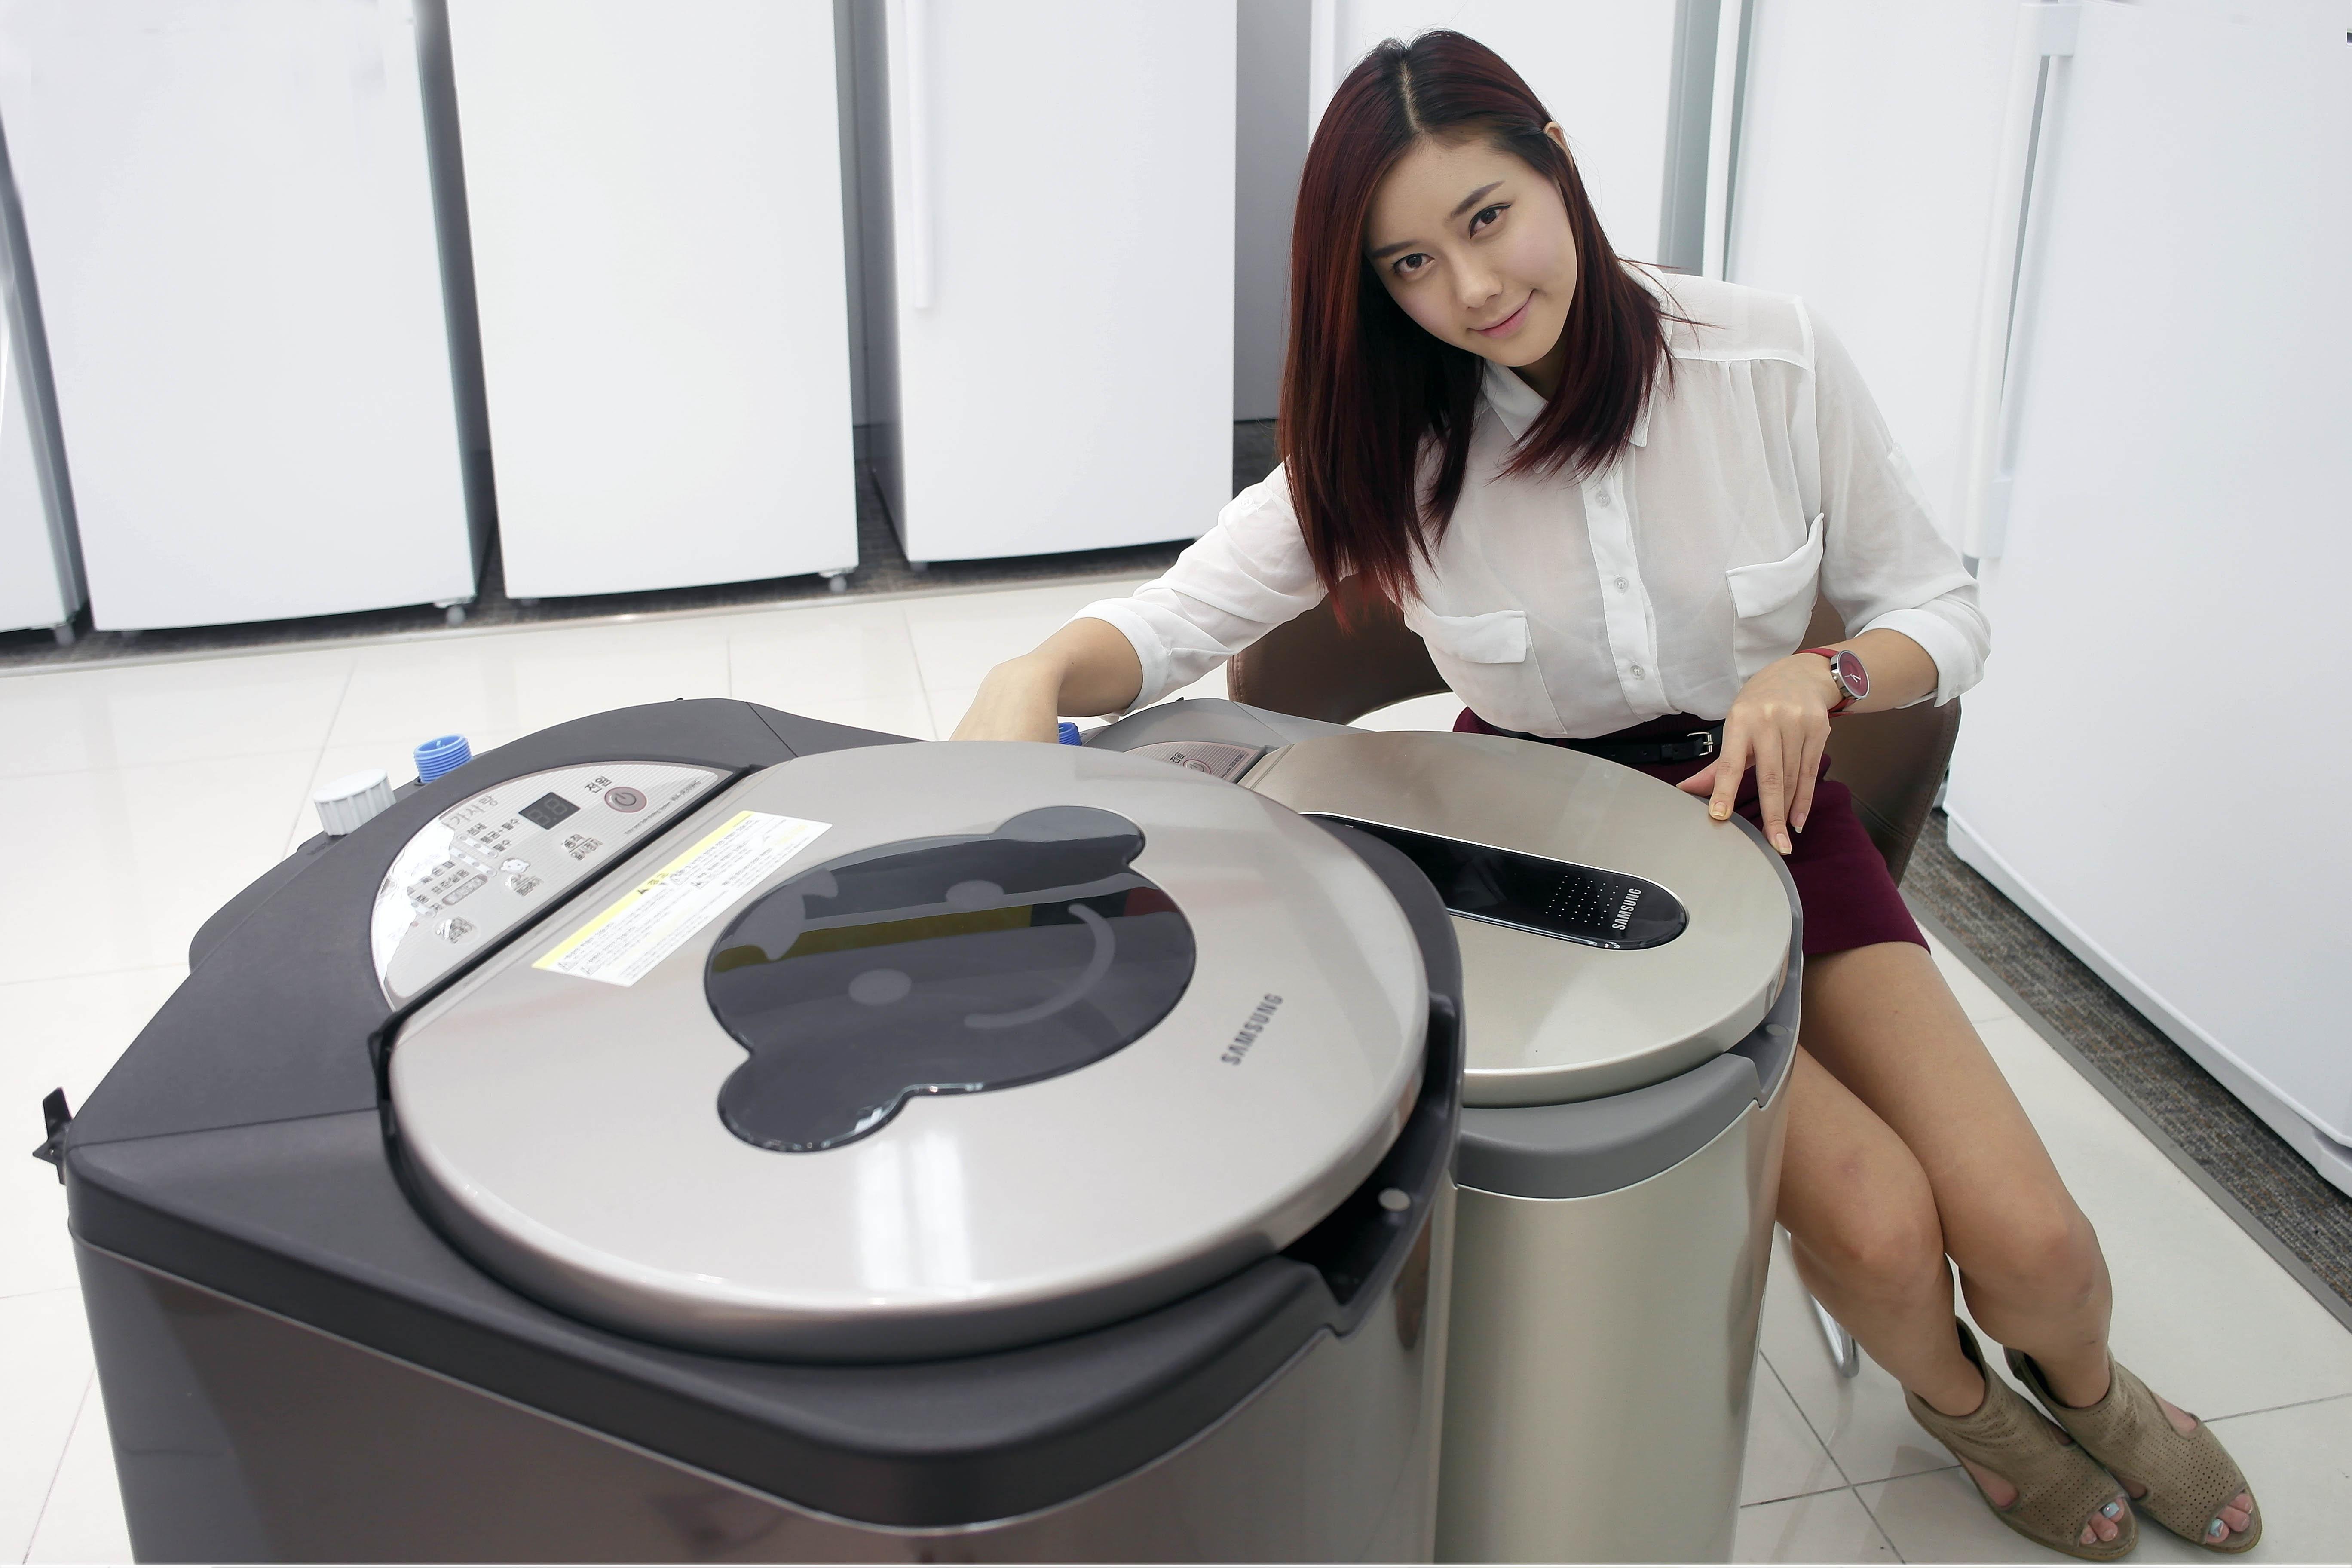 '아가사랑 세탁기'를 선보이고 있는 모델